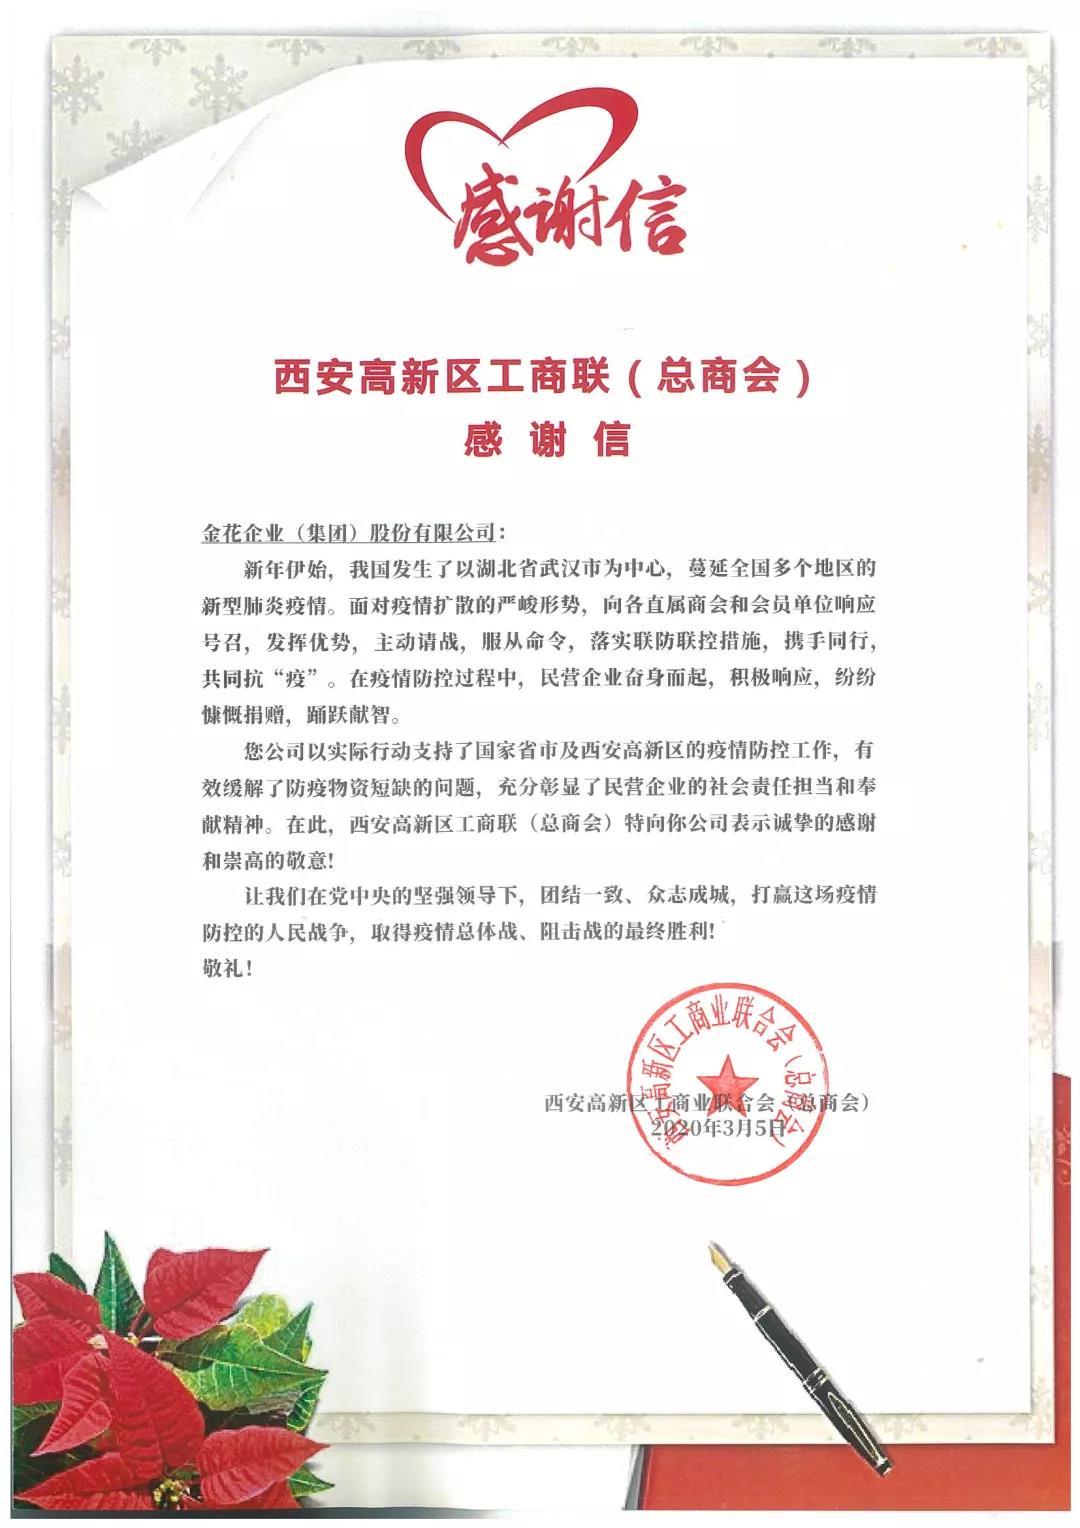 中共西安高新区工委统战部向彩神8颁发抗疫表彰锦旗